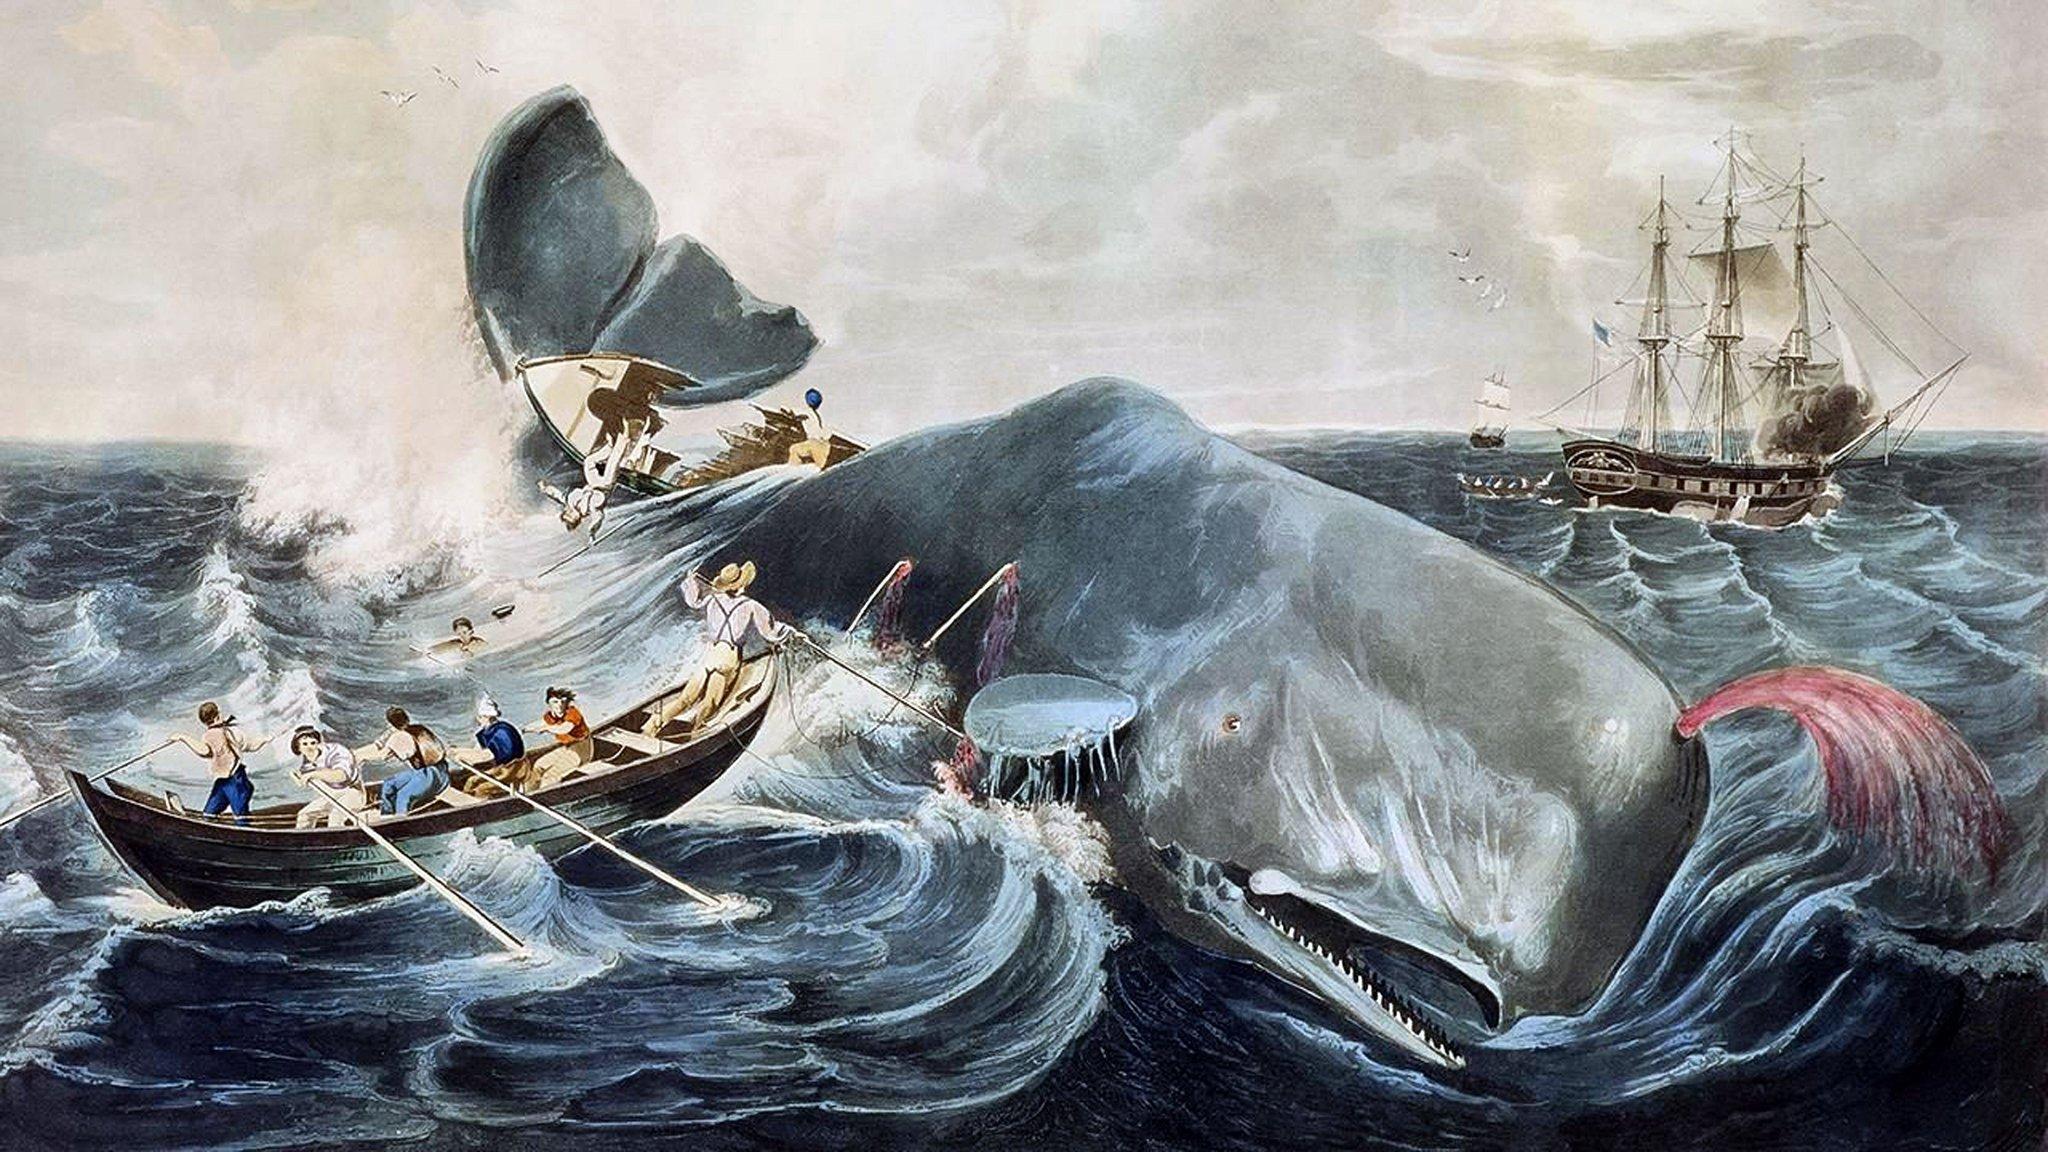 Moby Dick okosabb volt Achabnál